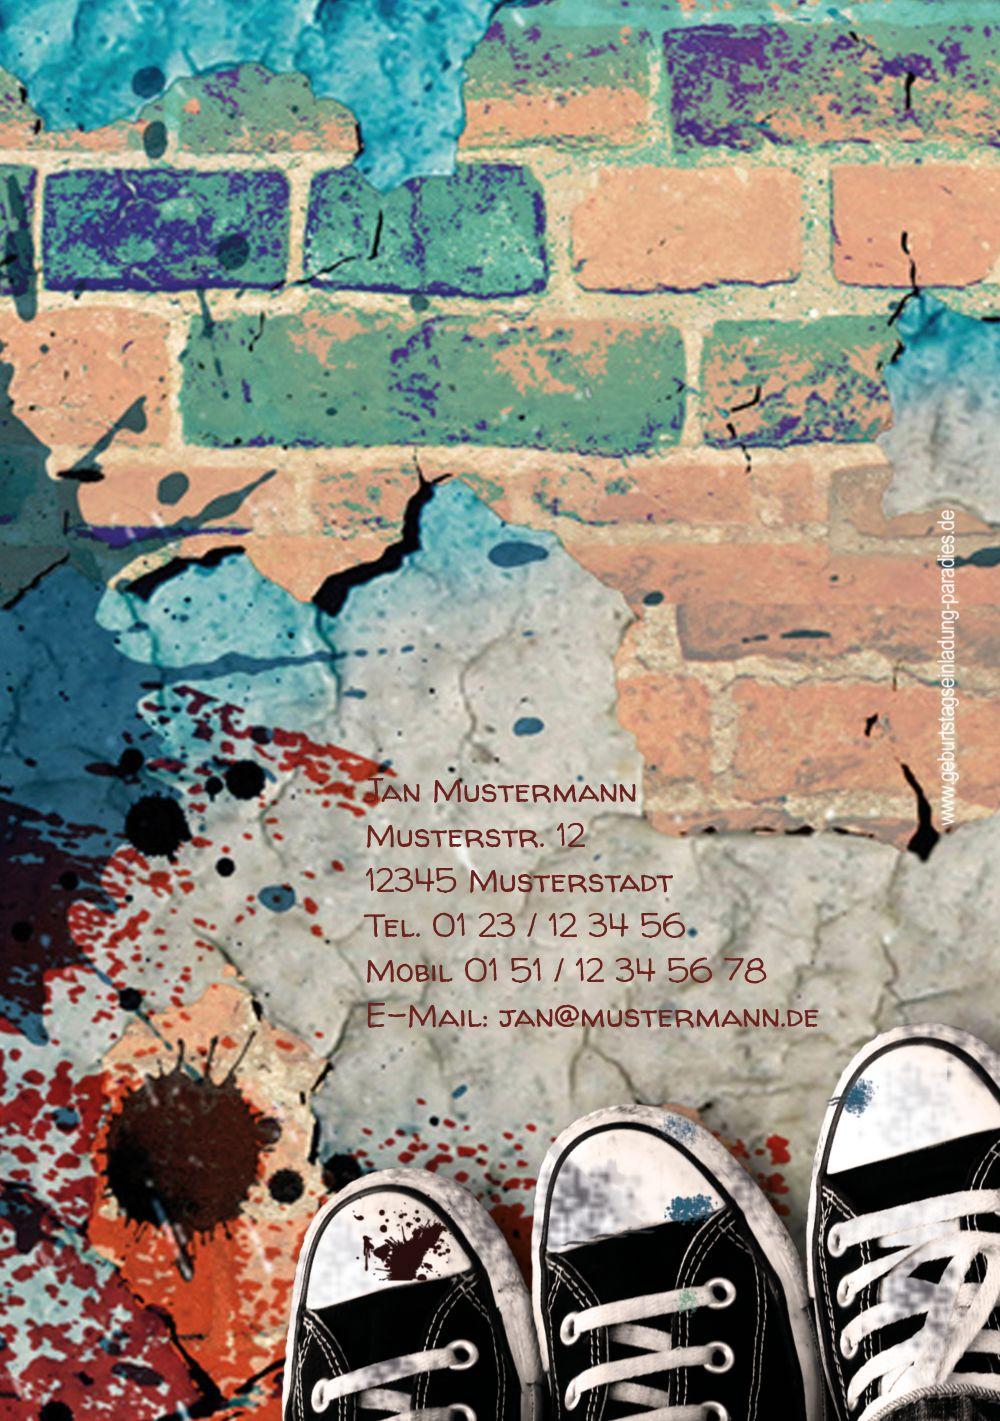 Ansicht 2 - Geburtstagskarte Jugendliche Graffiti Foto